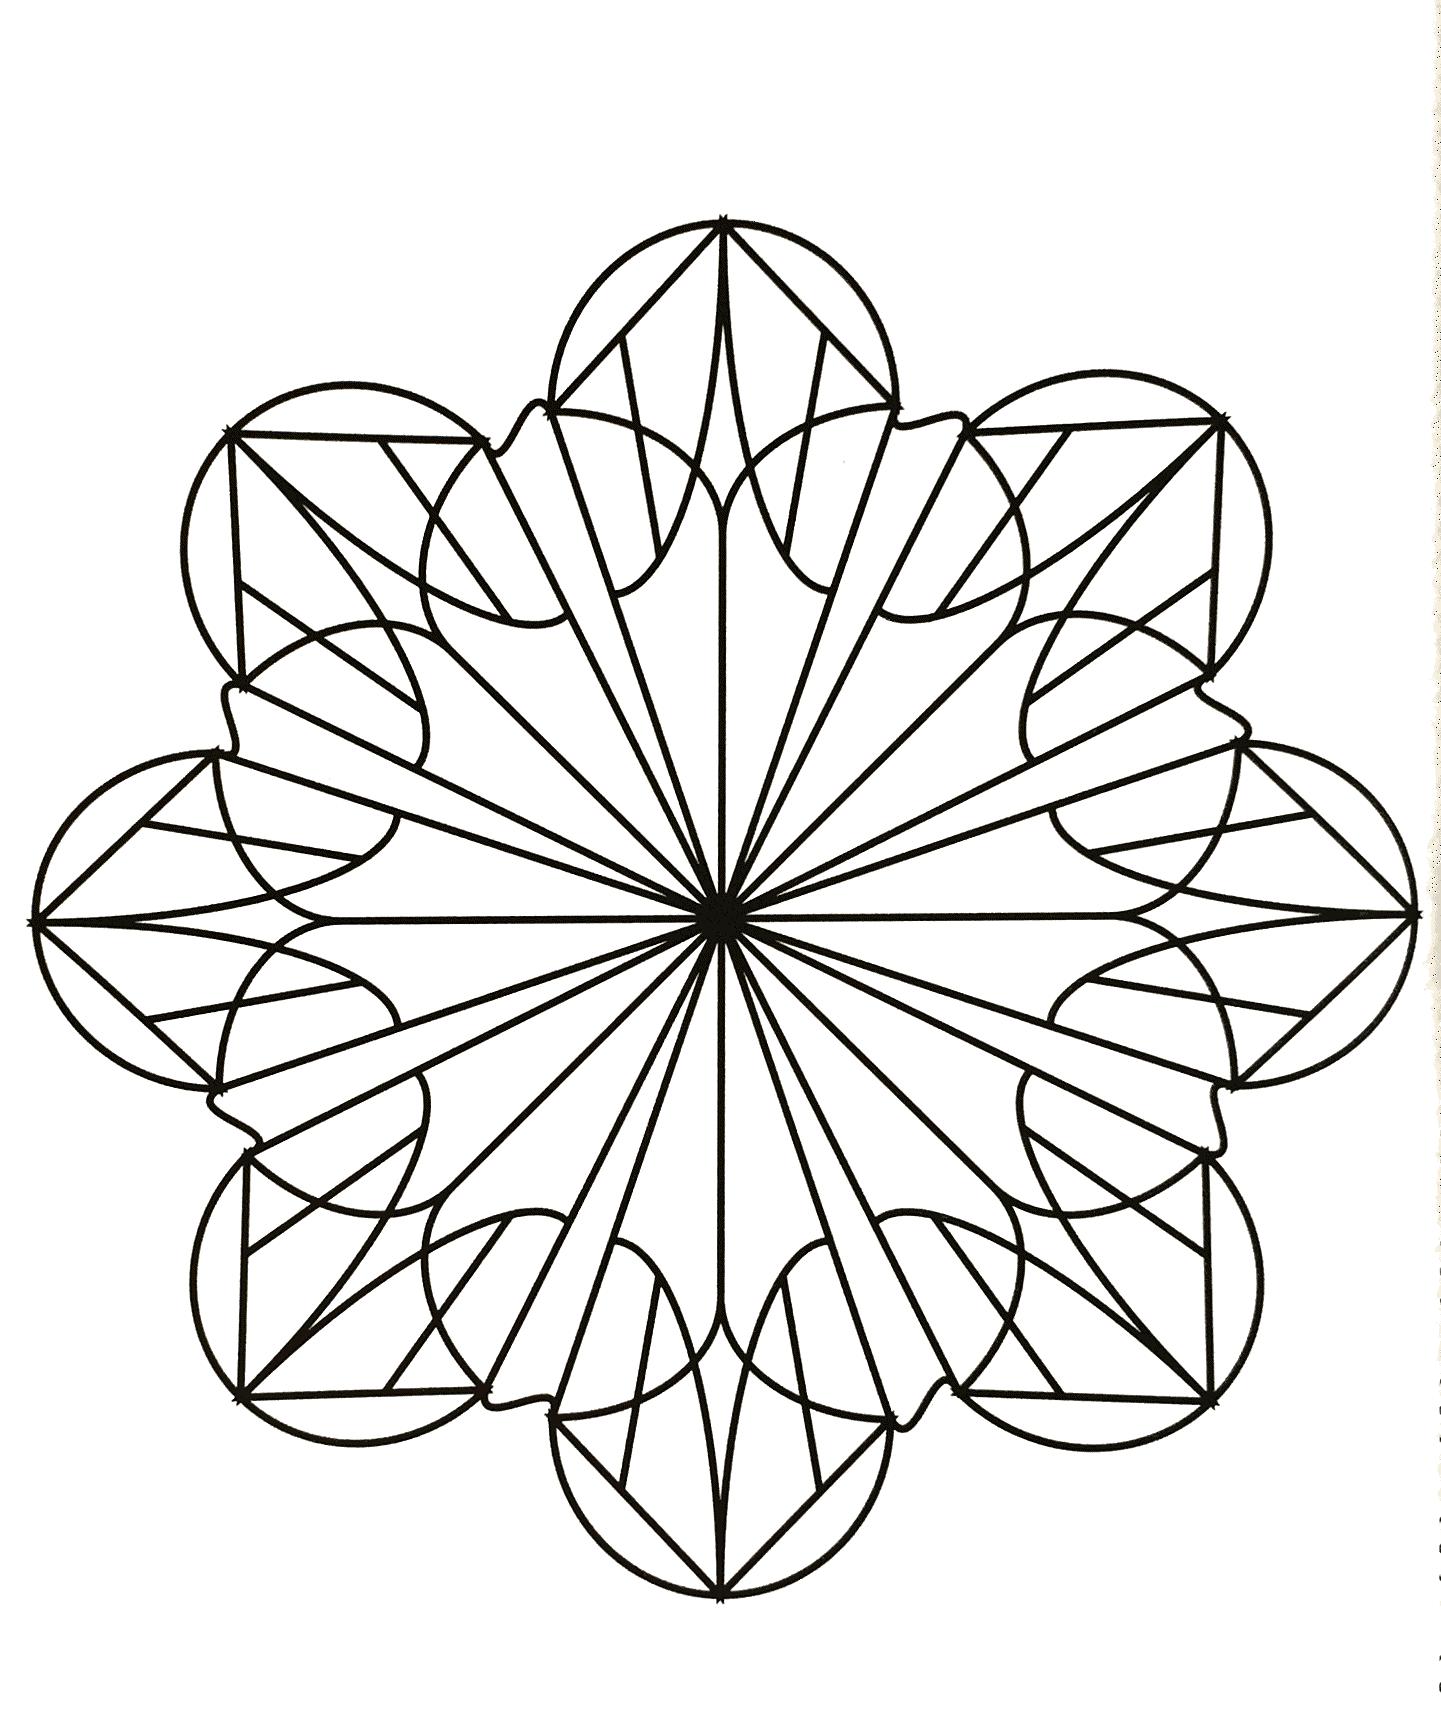 Mandala fleur mandalas faciles pour enfants 100 - Mandalas a colorier ...